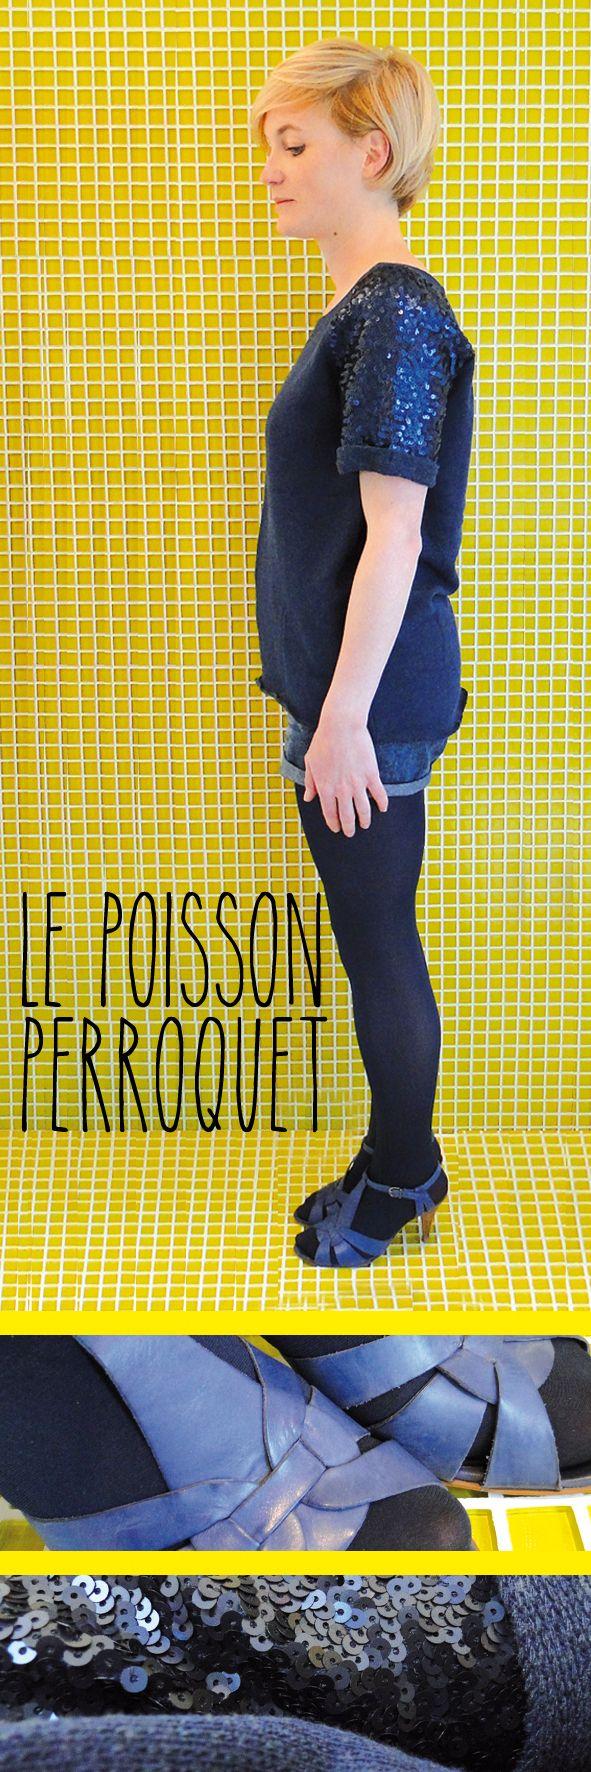 LE POISSON PERROQUET BLEU - Top H&M, Short Naf Naf, Collants Zara, Sandales Minelli